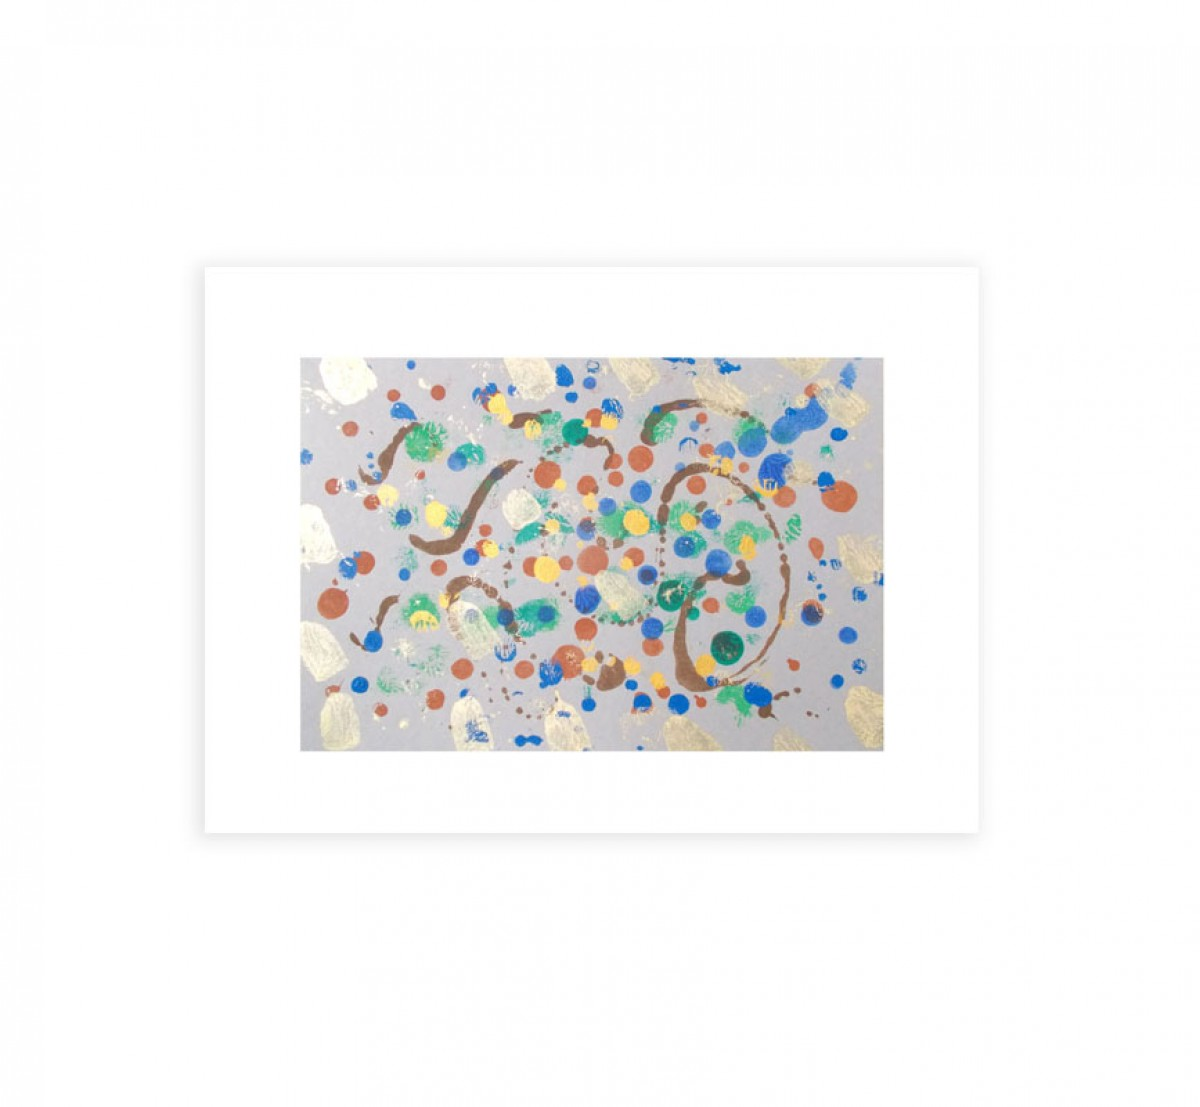 abstrakcja do loftu, nowoczesna grafika, abstrakcyjny rysunek, minimalizm dekoracja na ścianę